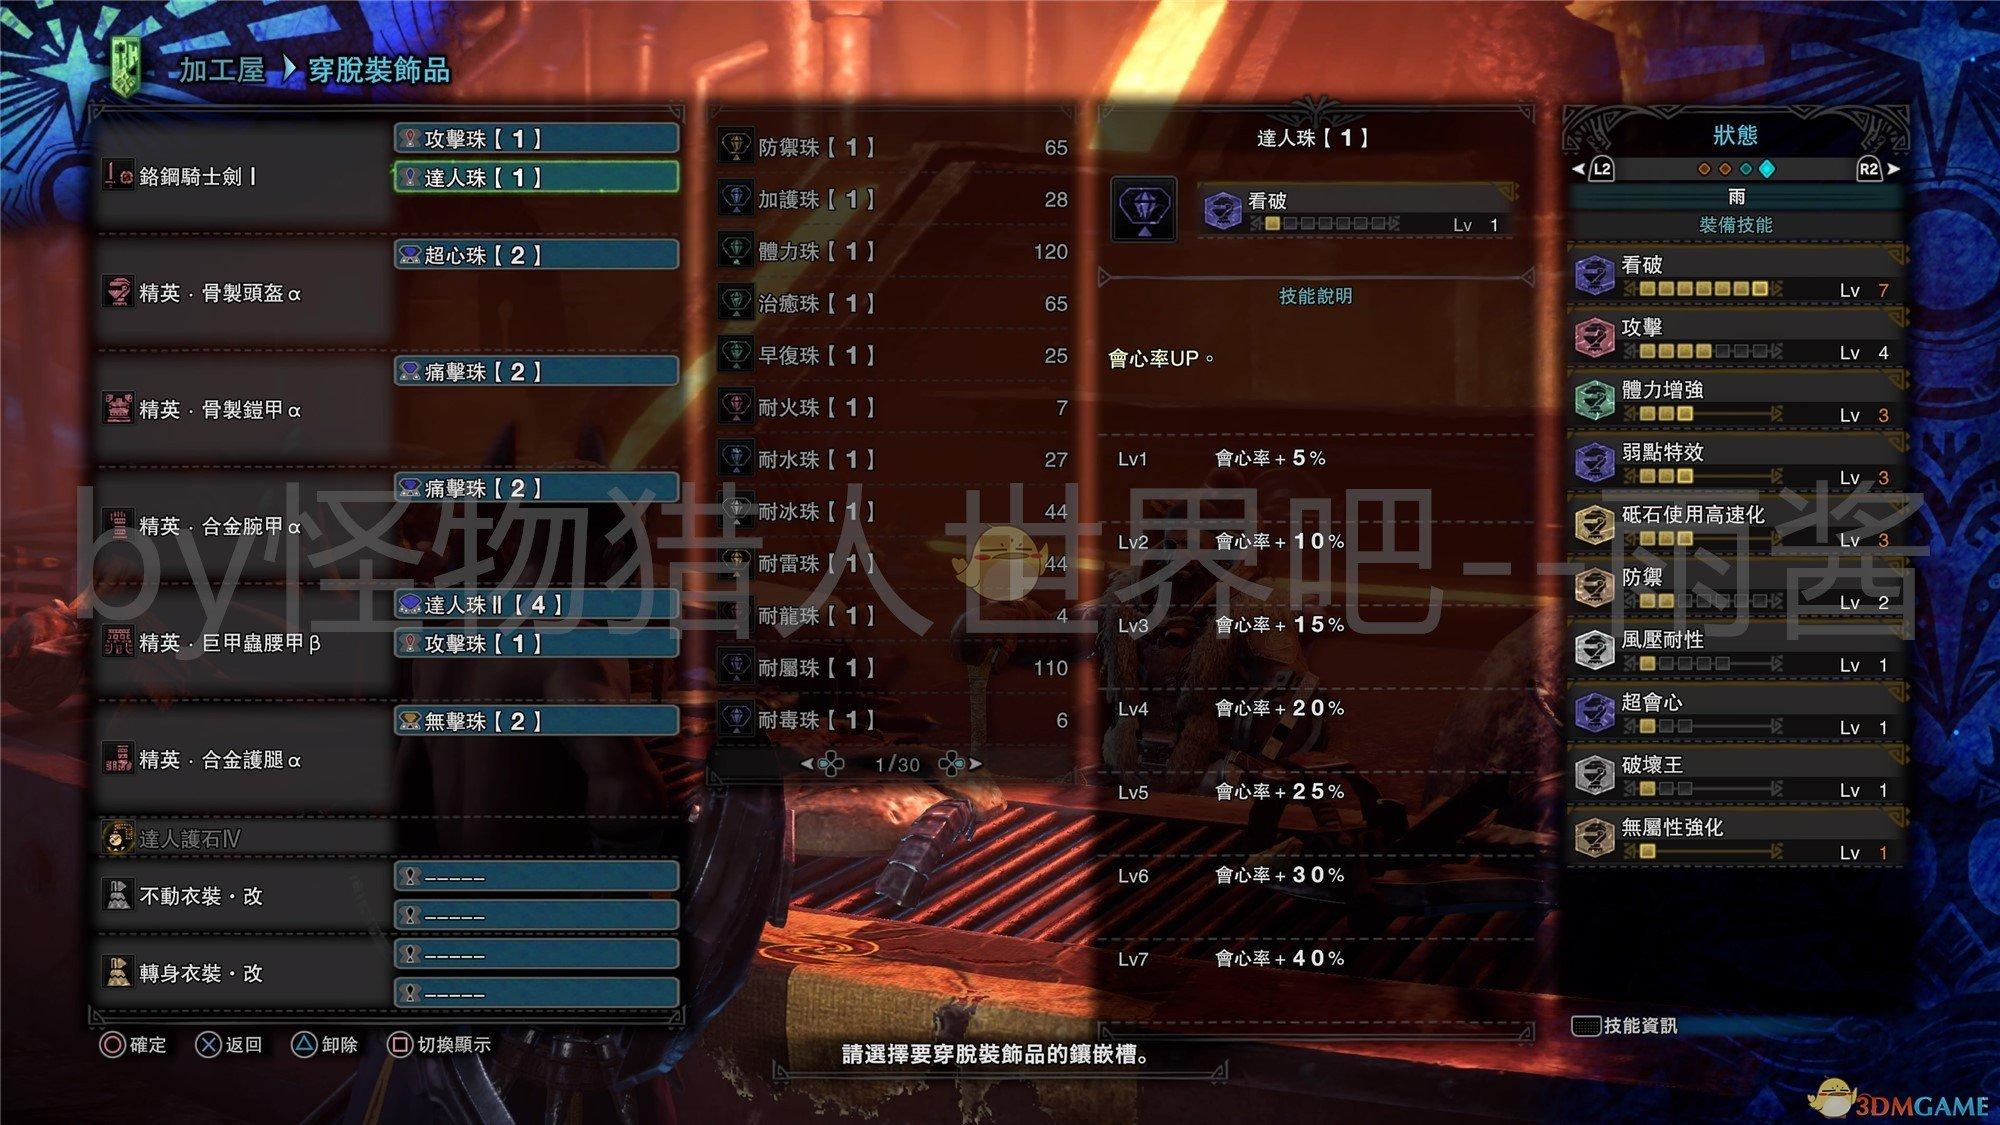 《怪物猎人:世界》冰原DLC片手剑初期开荒配装推荐